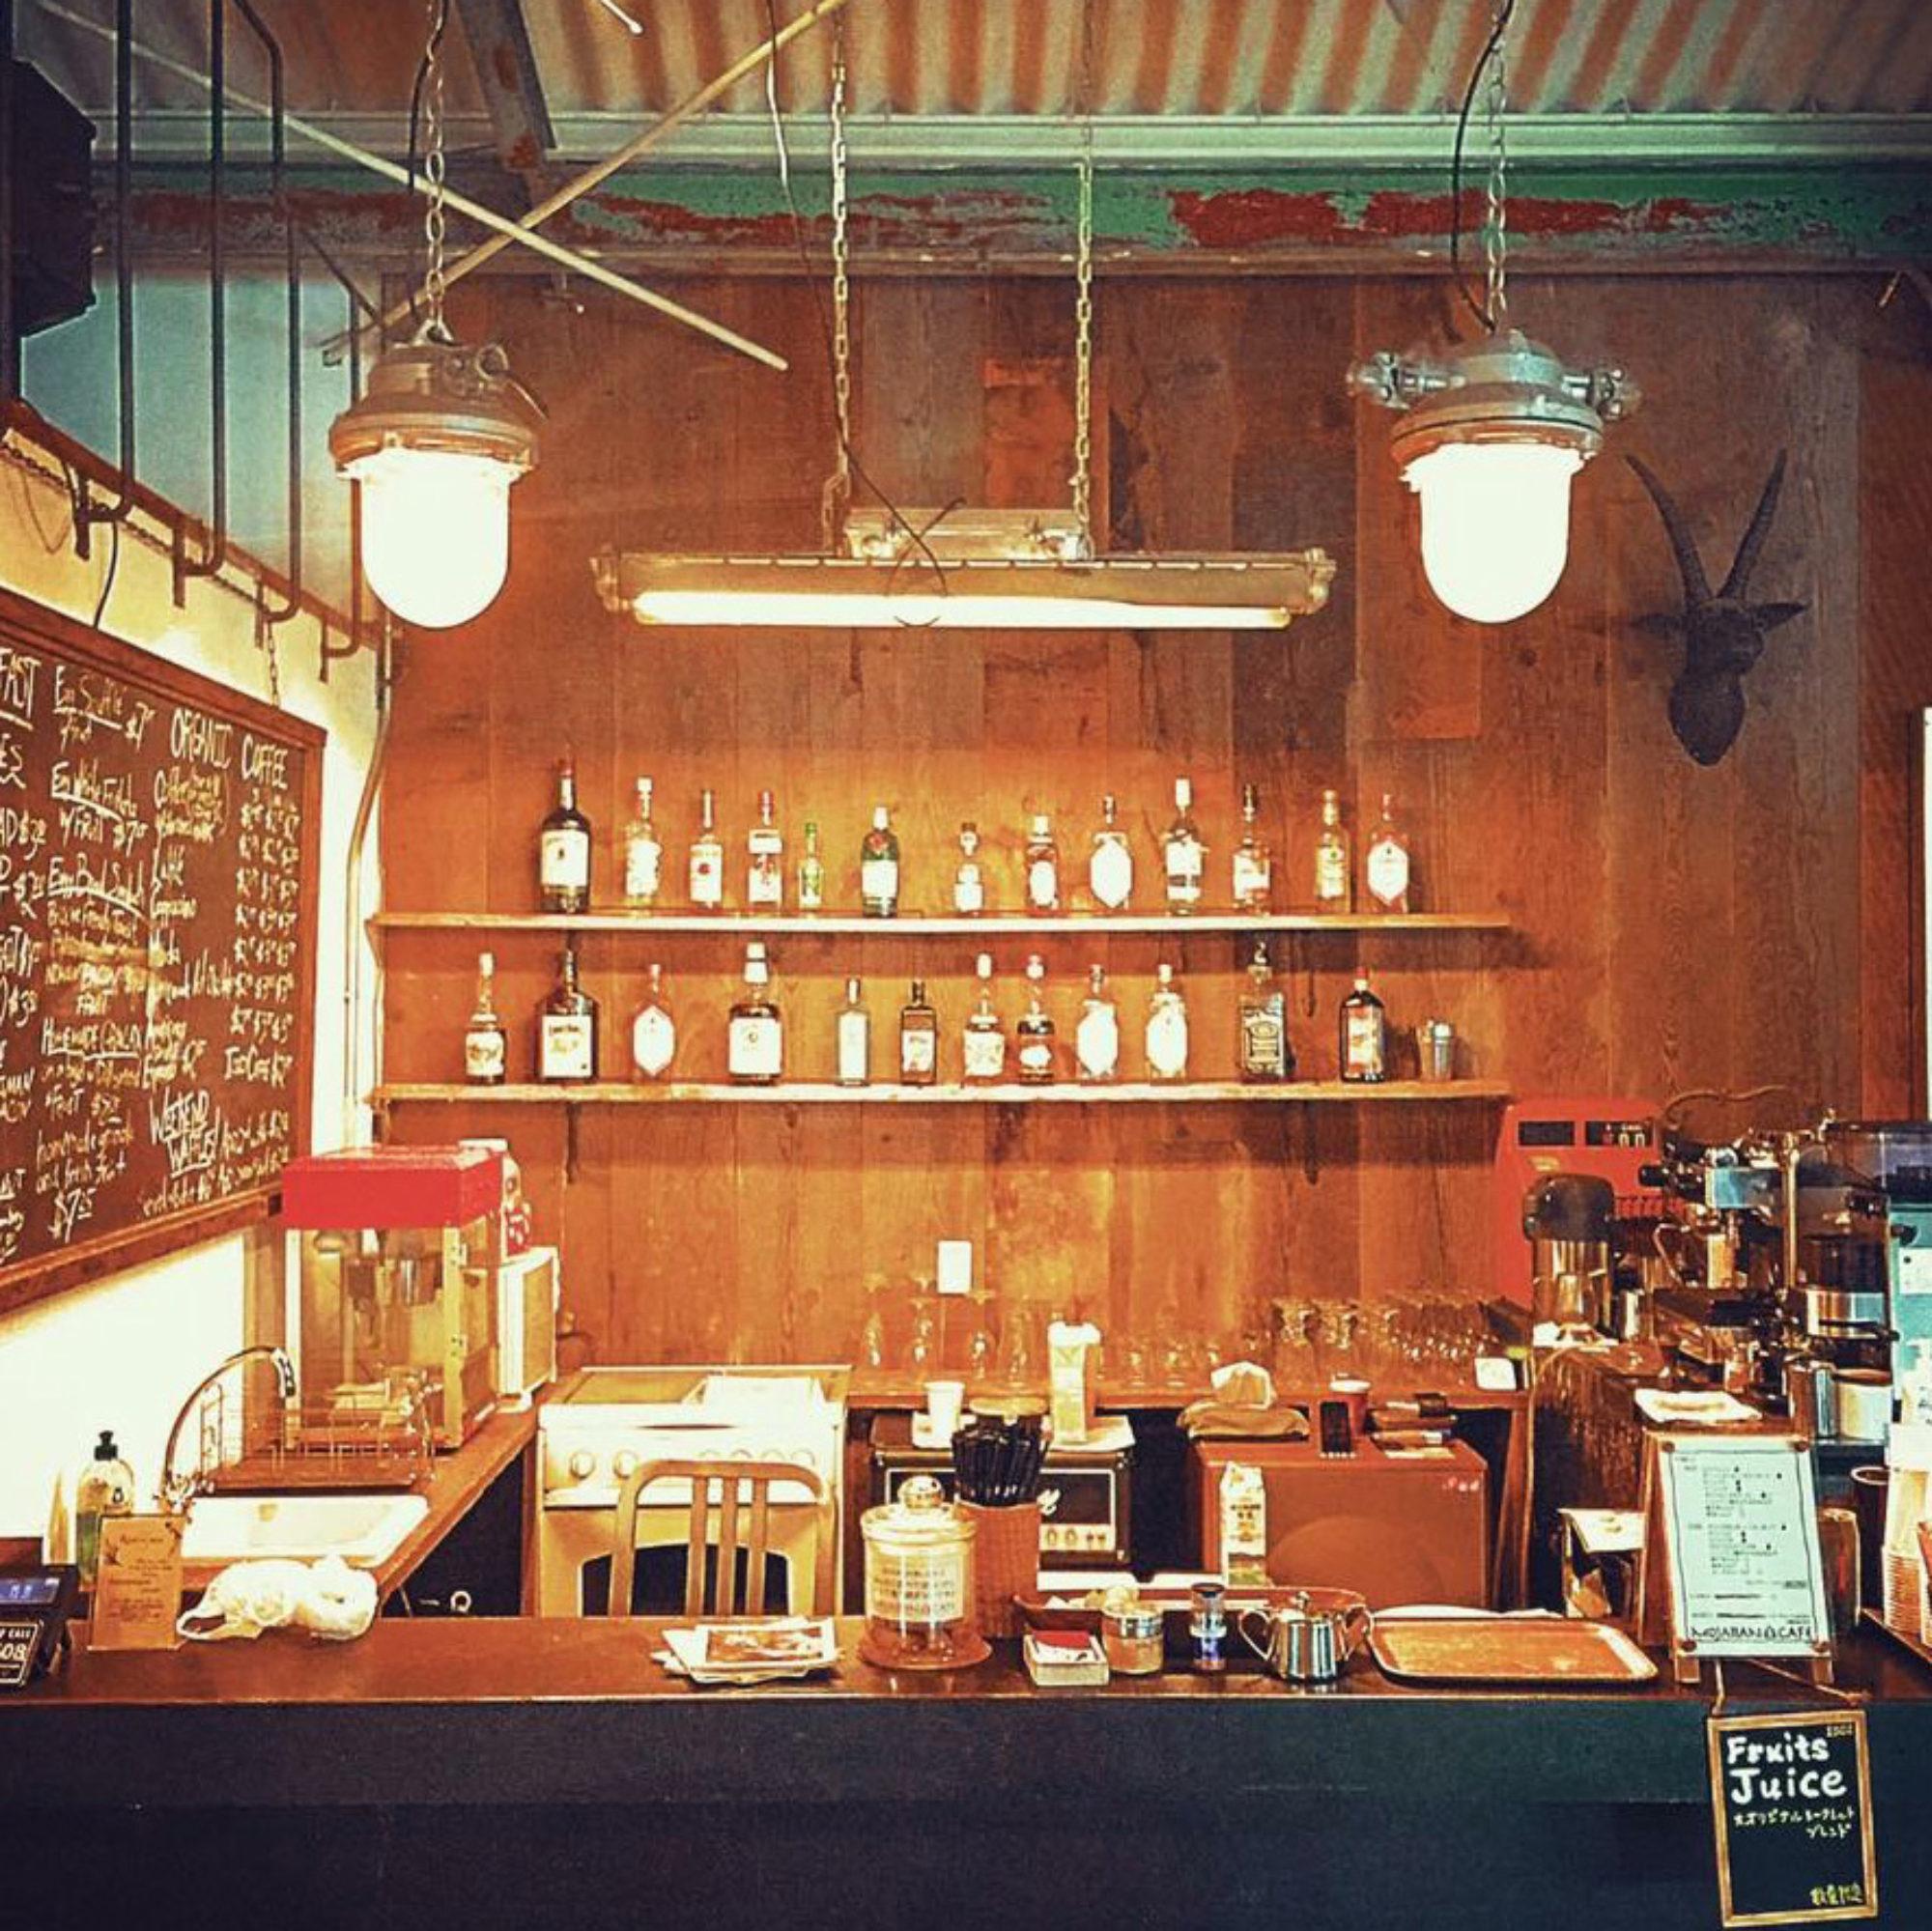 MOJAIIAN CAFE